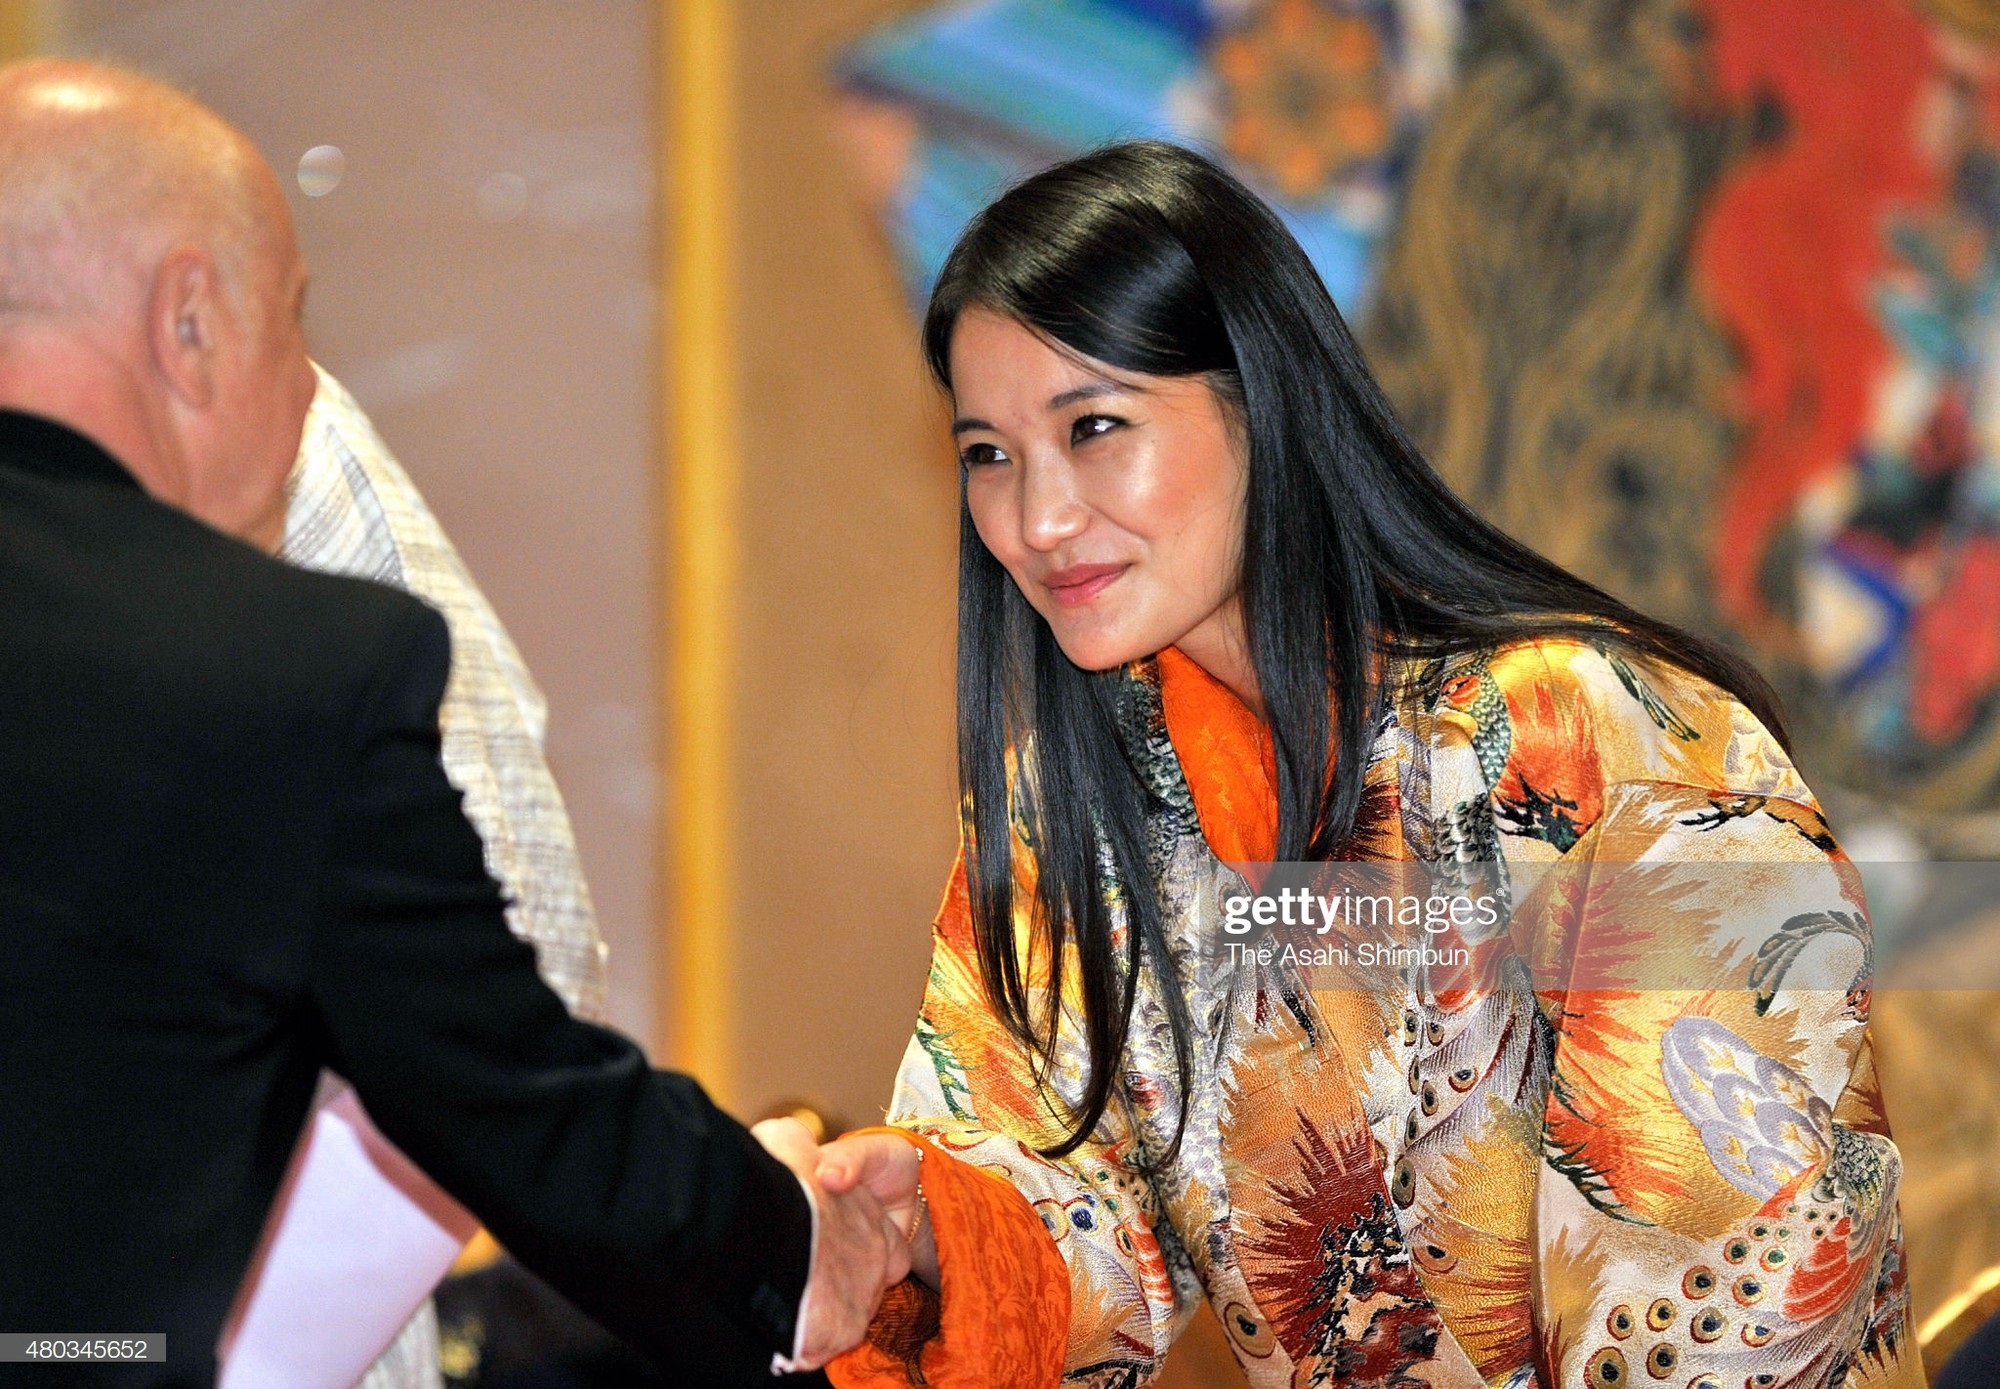 Ngất ngây trước làn da căng mướt, không tỳ vết của Hoàng hậu Bhutan thì bạn phải xem cách phụ nữ nước này chăm sóc da - Ảnh 3